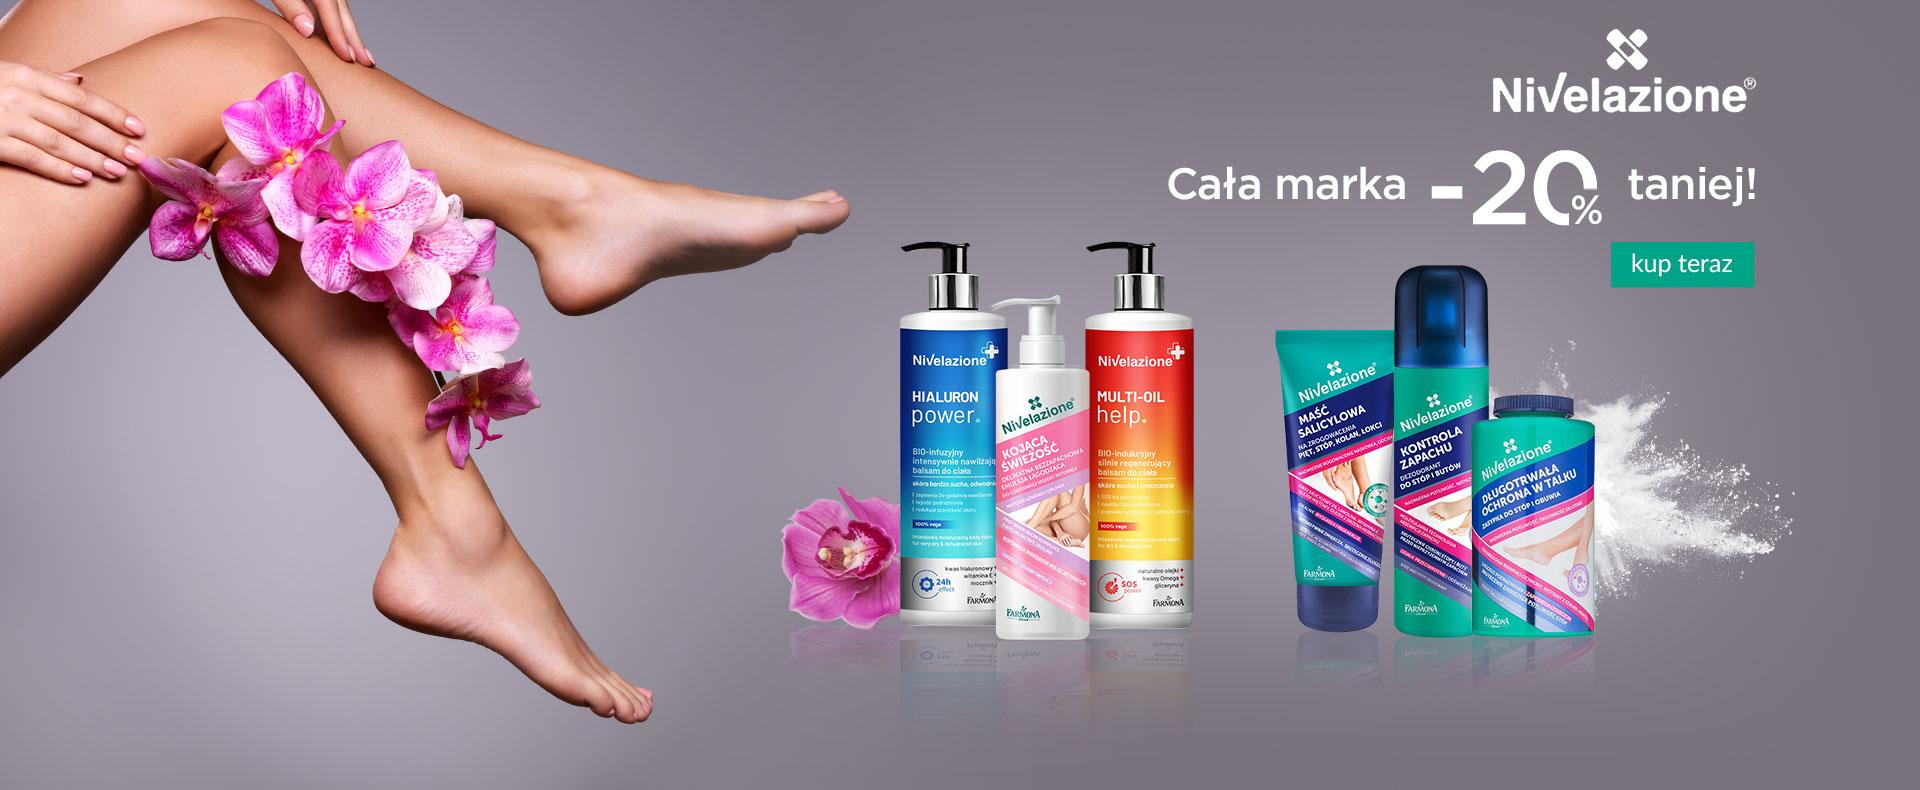 Ezebra: 20% zniżki na kosmetyki marki Nivelazione